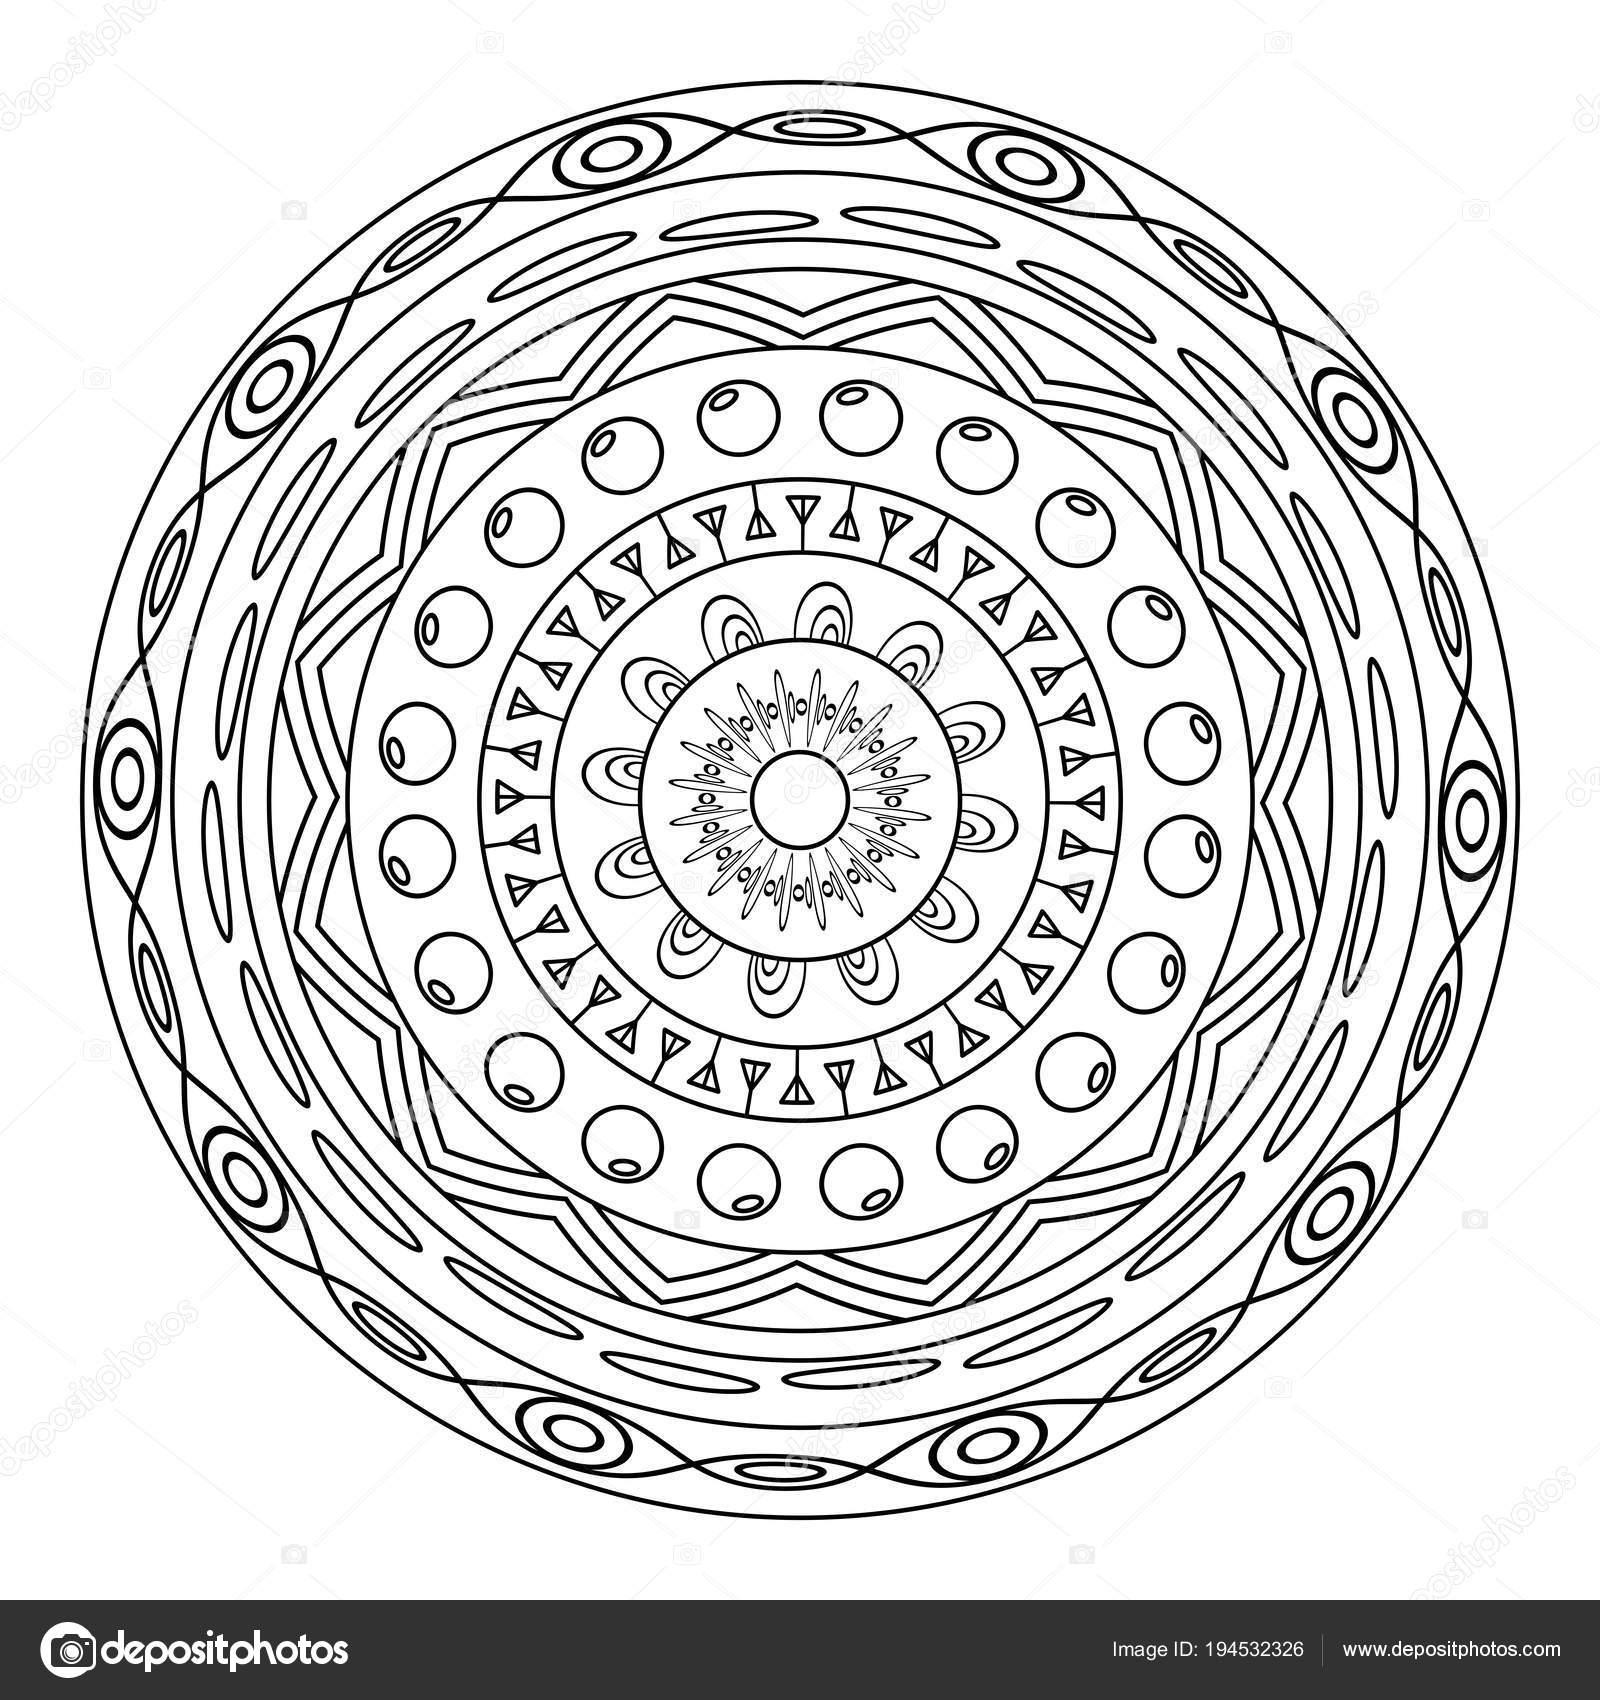 malvorlagen mandala in english  zeichnen und färben